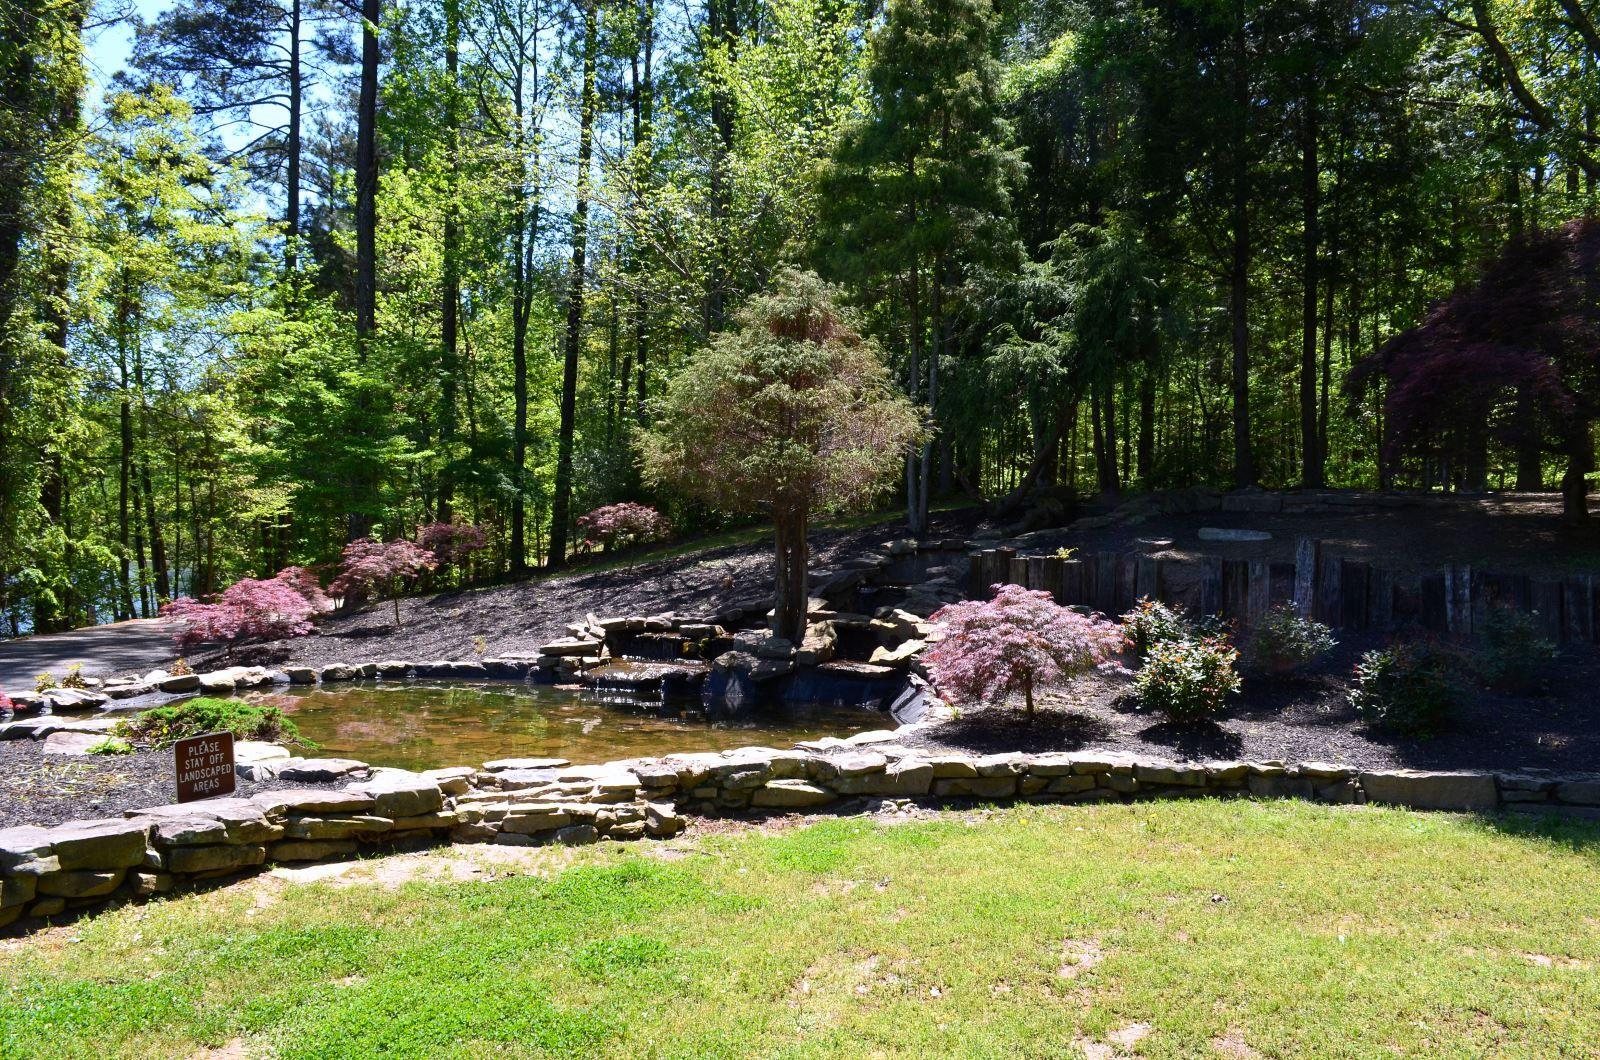 real estate information landscape home connections legacy real estate information landscape